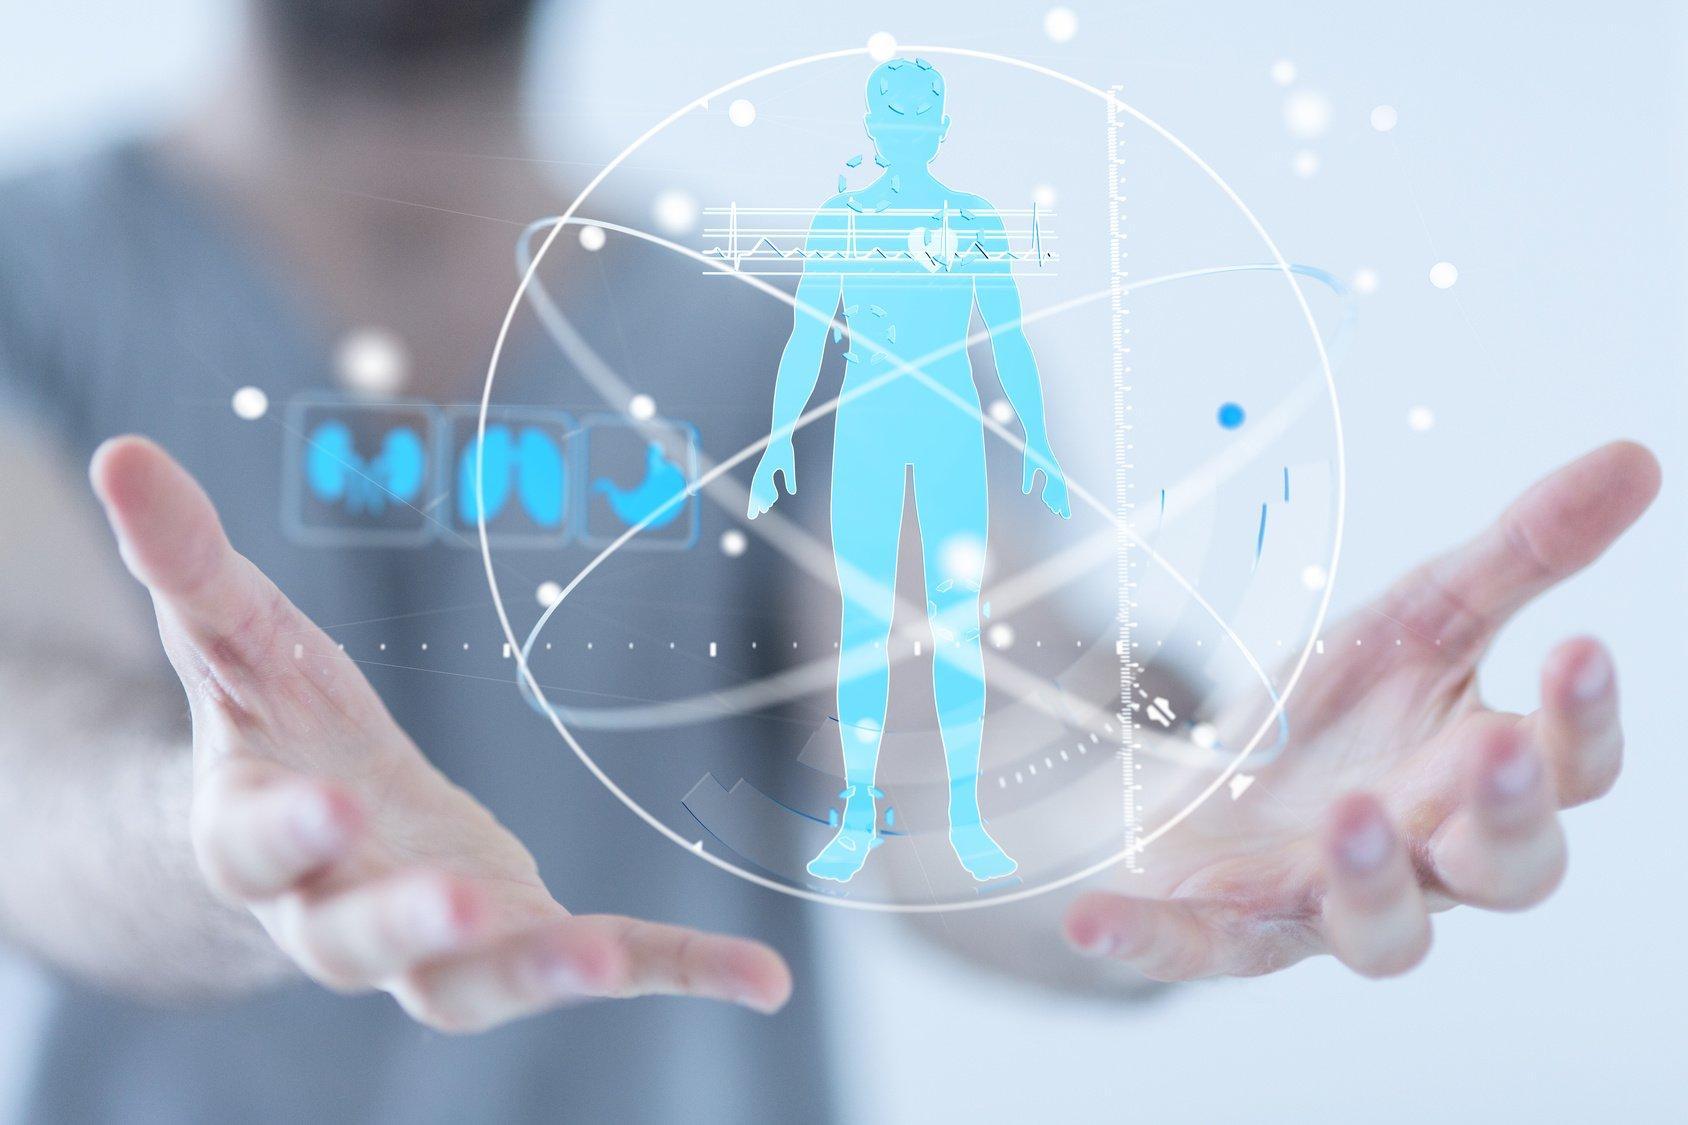 Frontiers Health 2016, vieni a scoprire il futuro della sanità